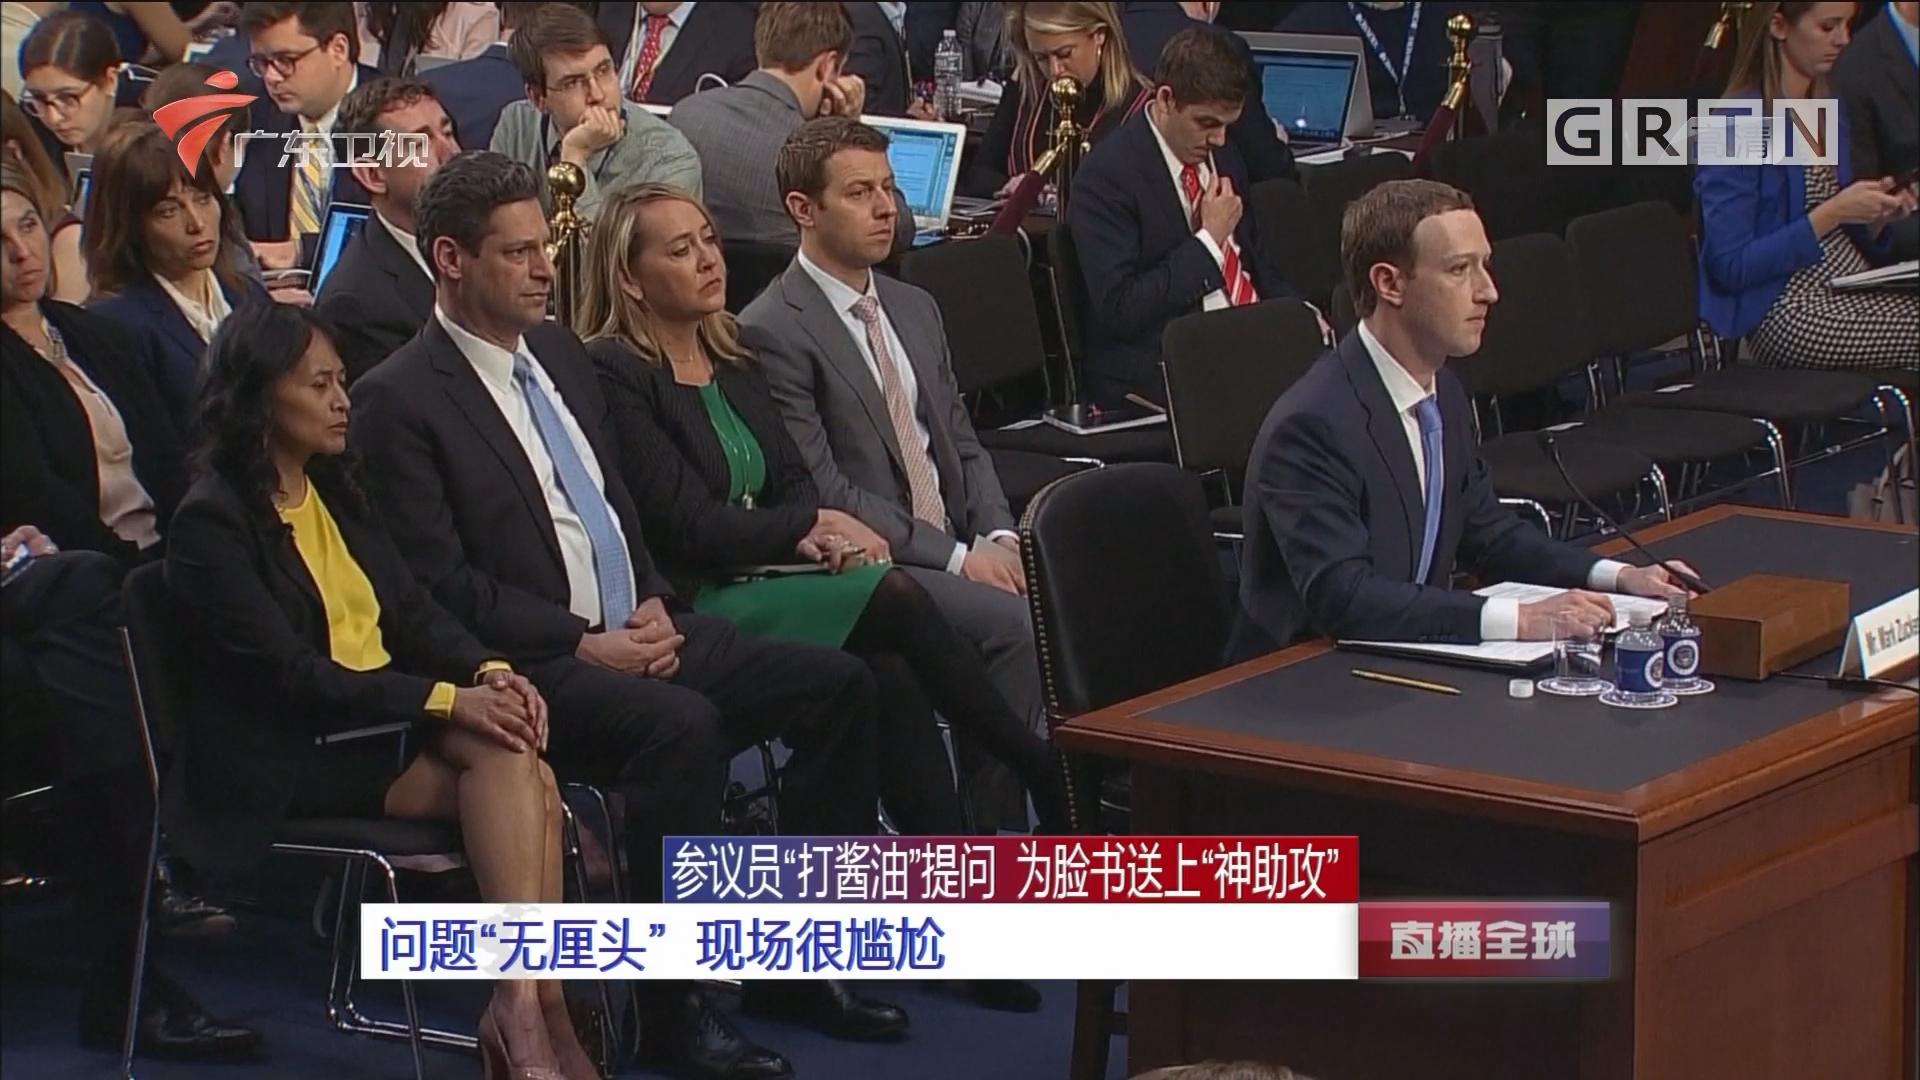 """参议员""""打酱油""""提问 为脸书送上""""神助攻"""":问题""""无厘头"""" 现场很尴尬"""